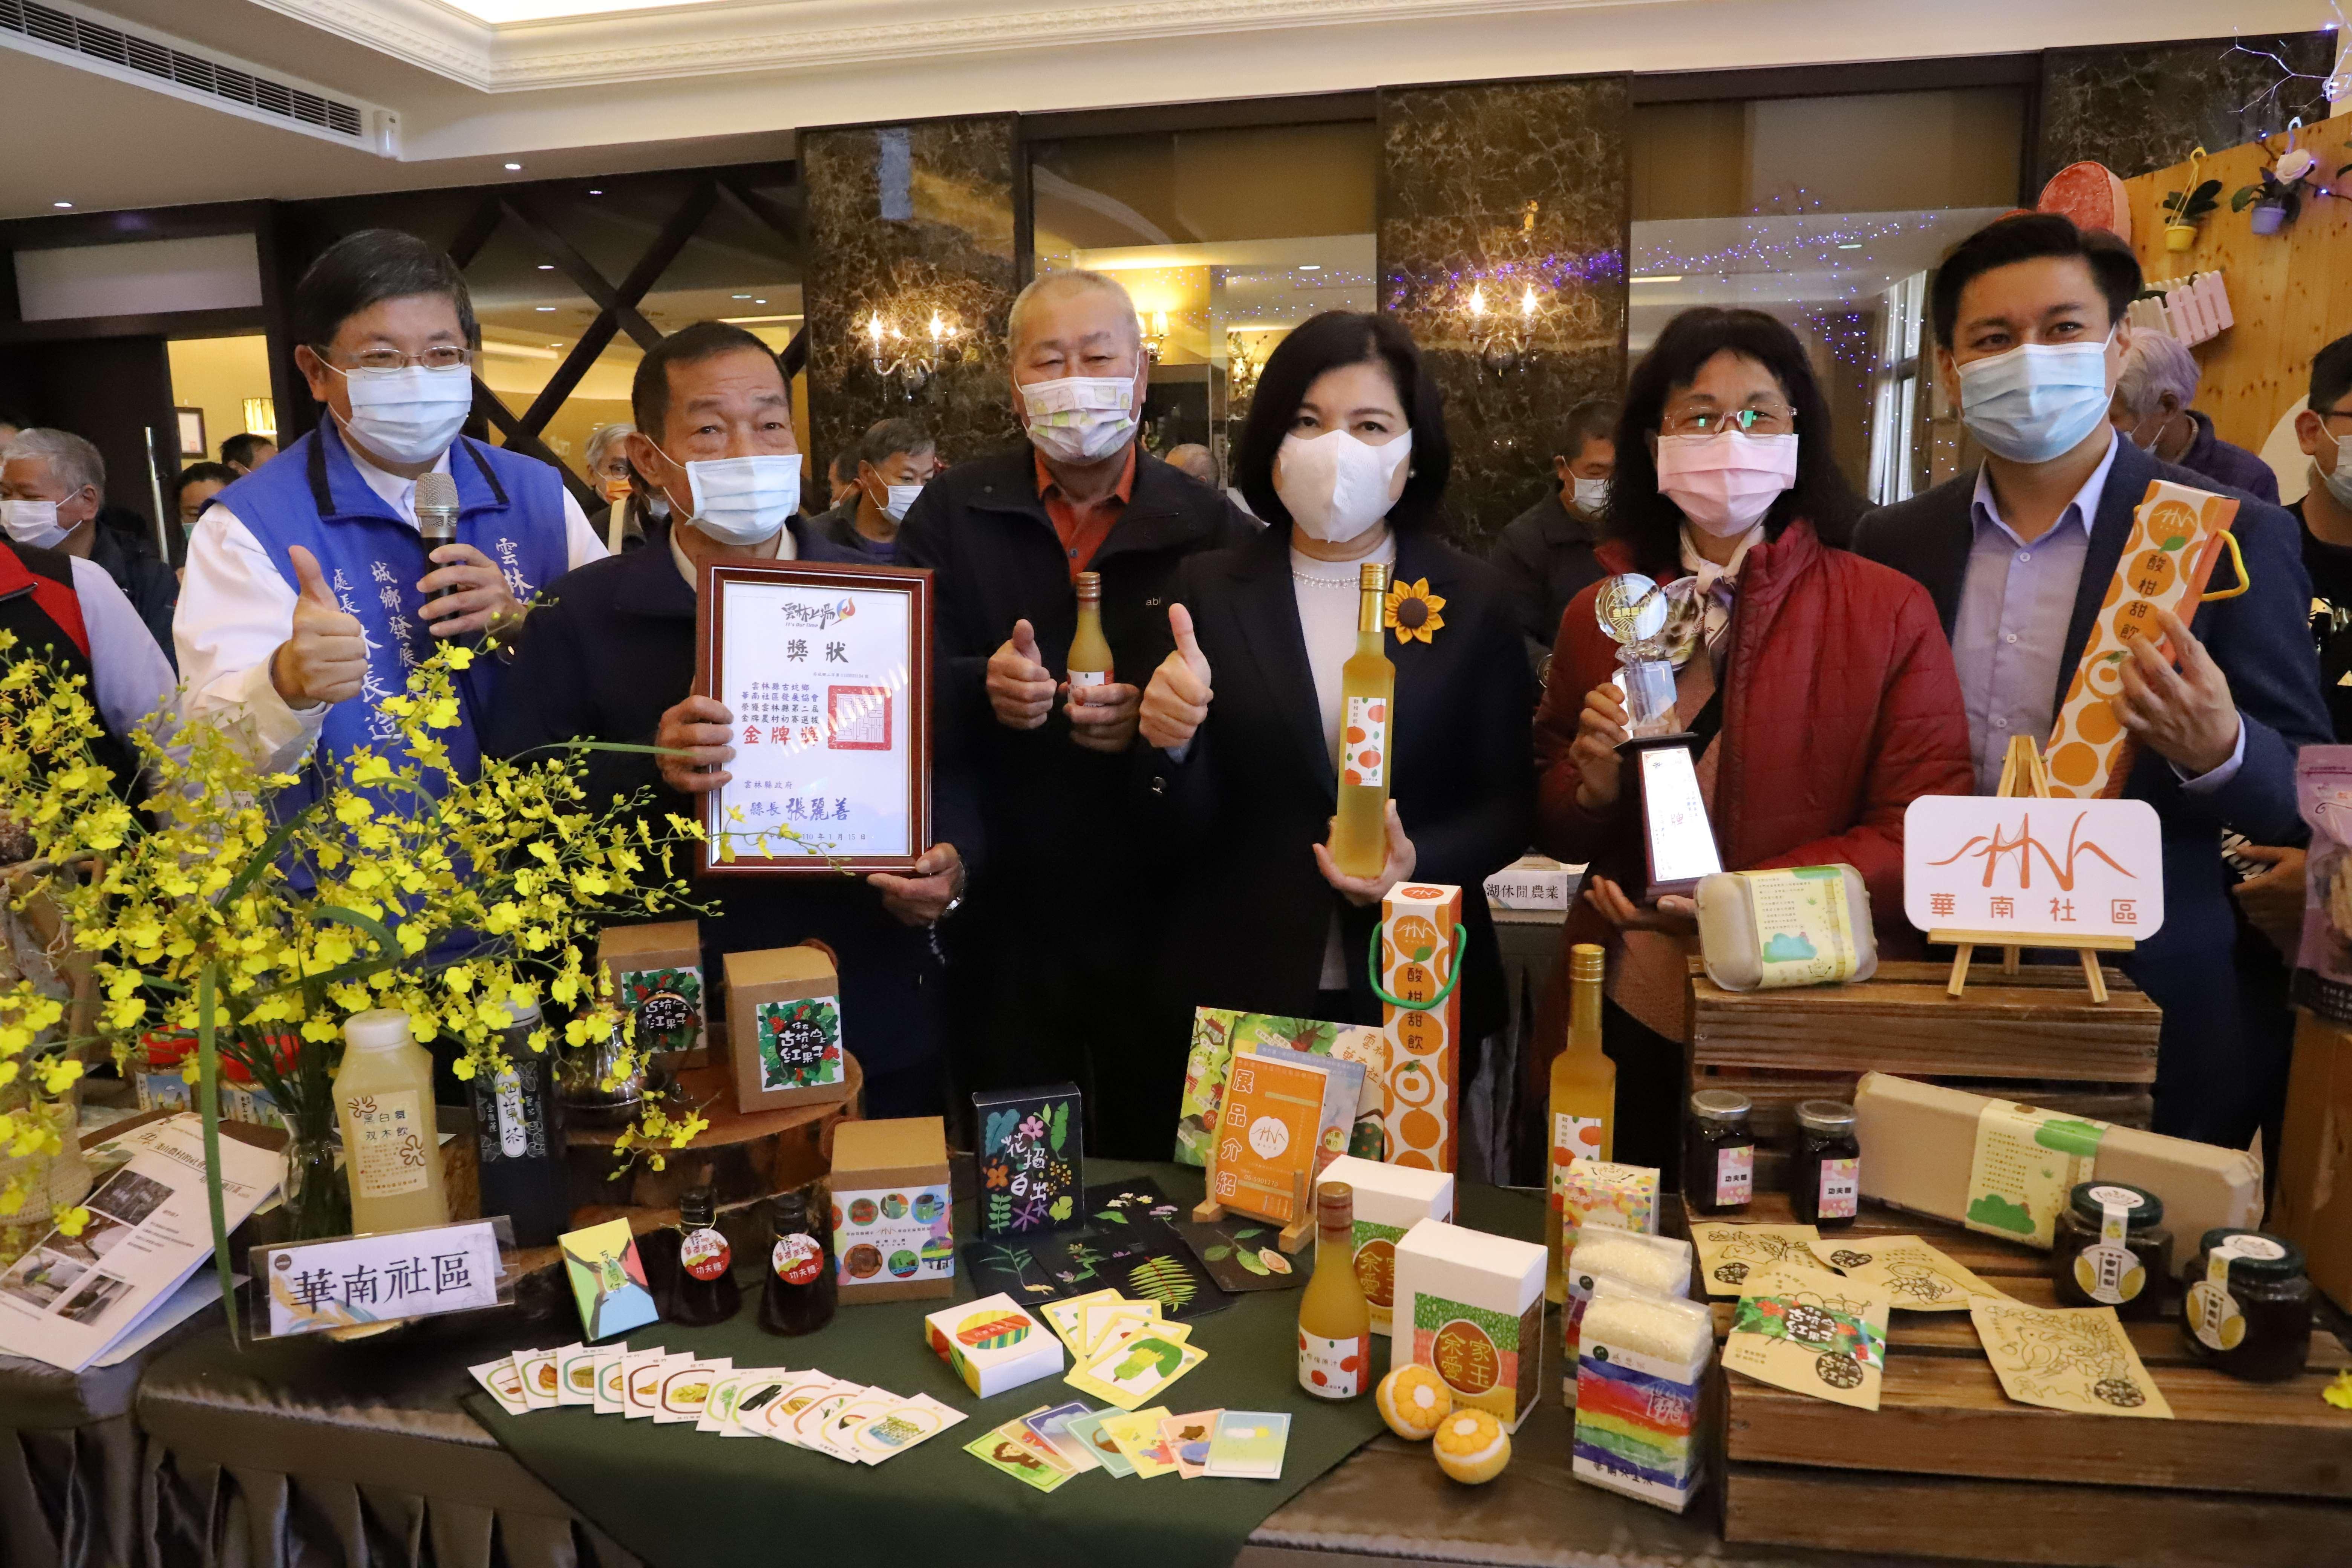 獲得金牌獎的華南社區。